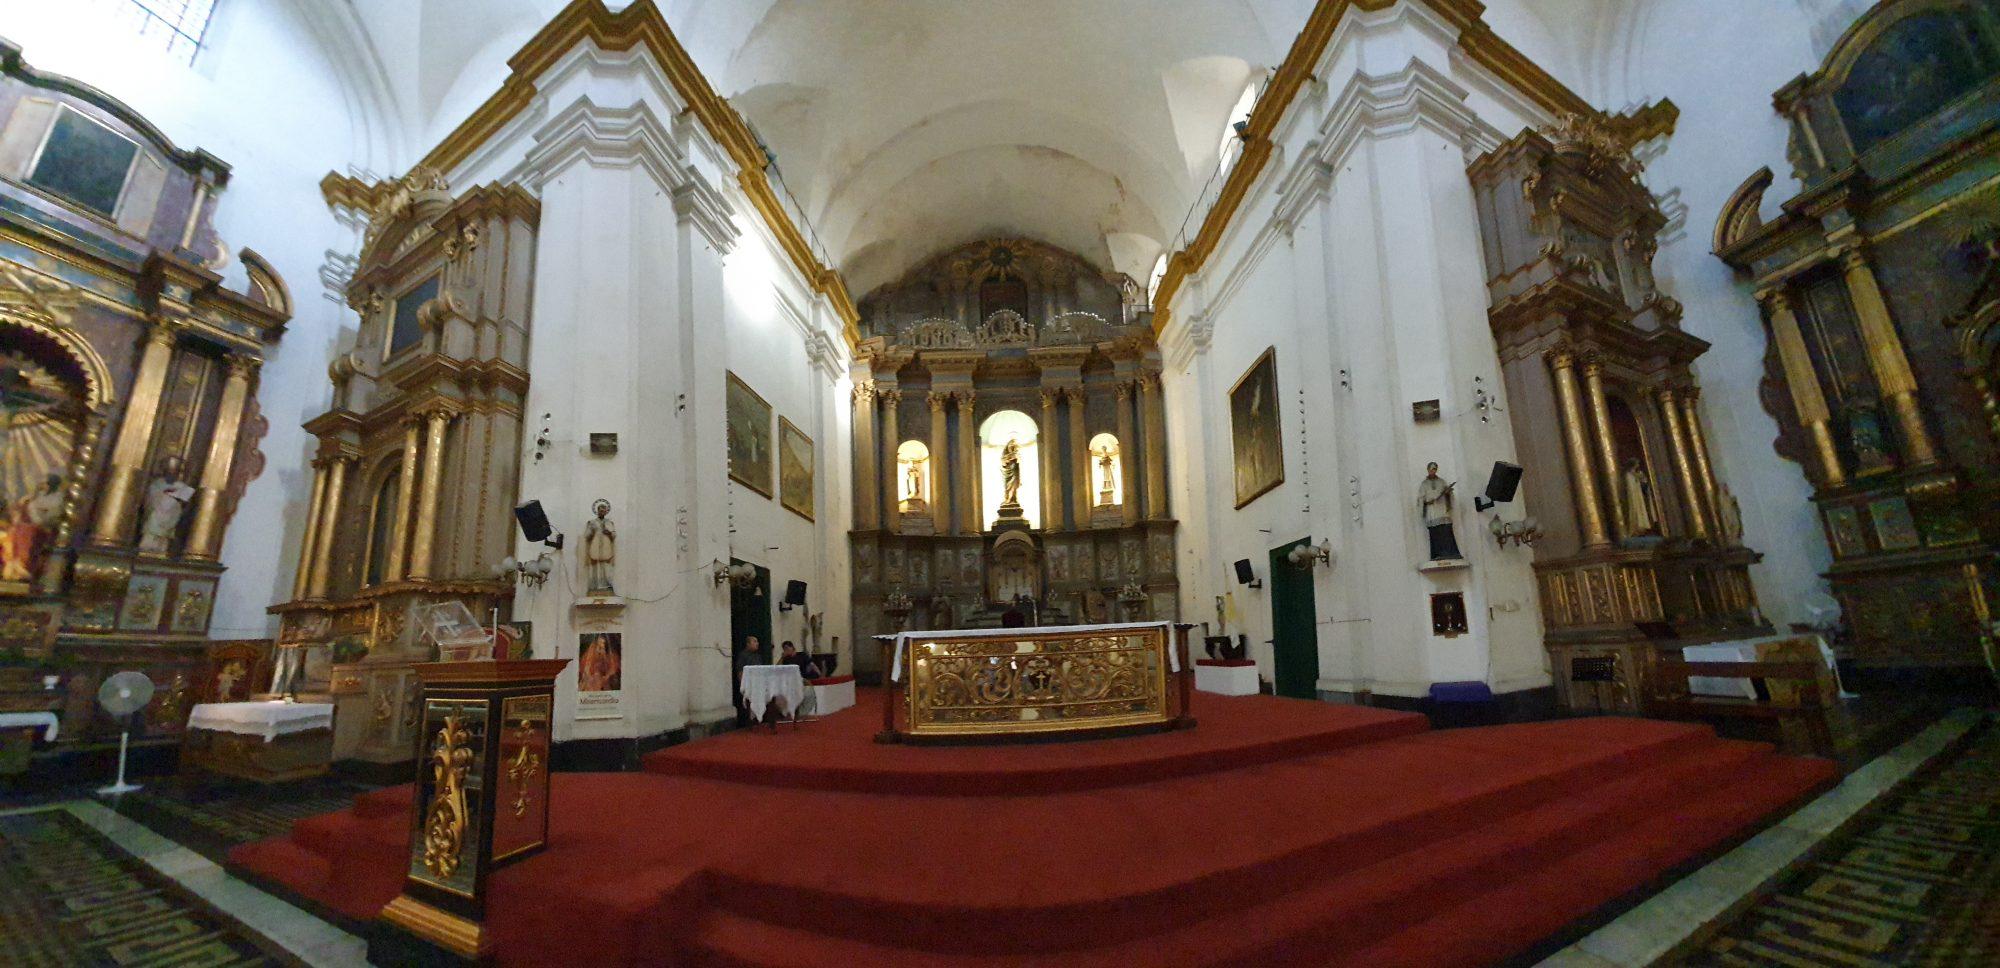 Argentina_Patrimônio_Iglesia_Jesuítas_Belen_Bethlemitas_Zanjón Granados_Buenos Aires_ Plaza_Dorrego_Praça_Feira_Feria_San Telmo_Hospital